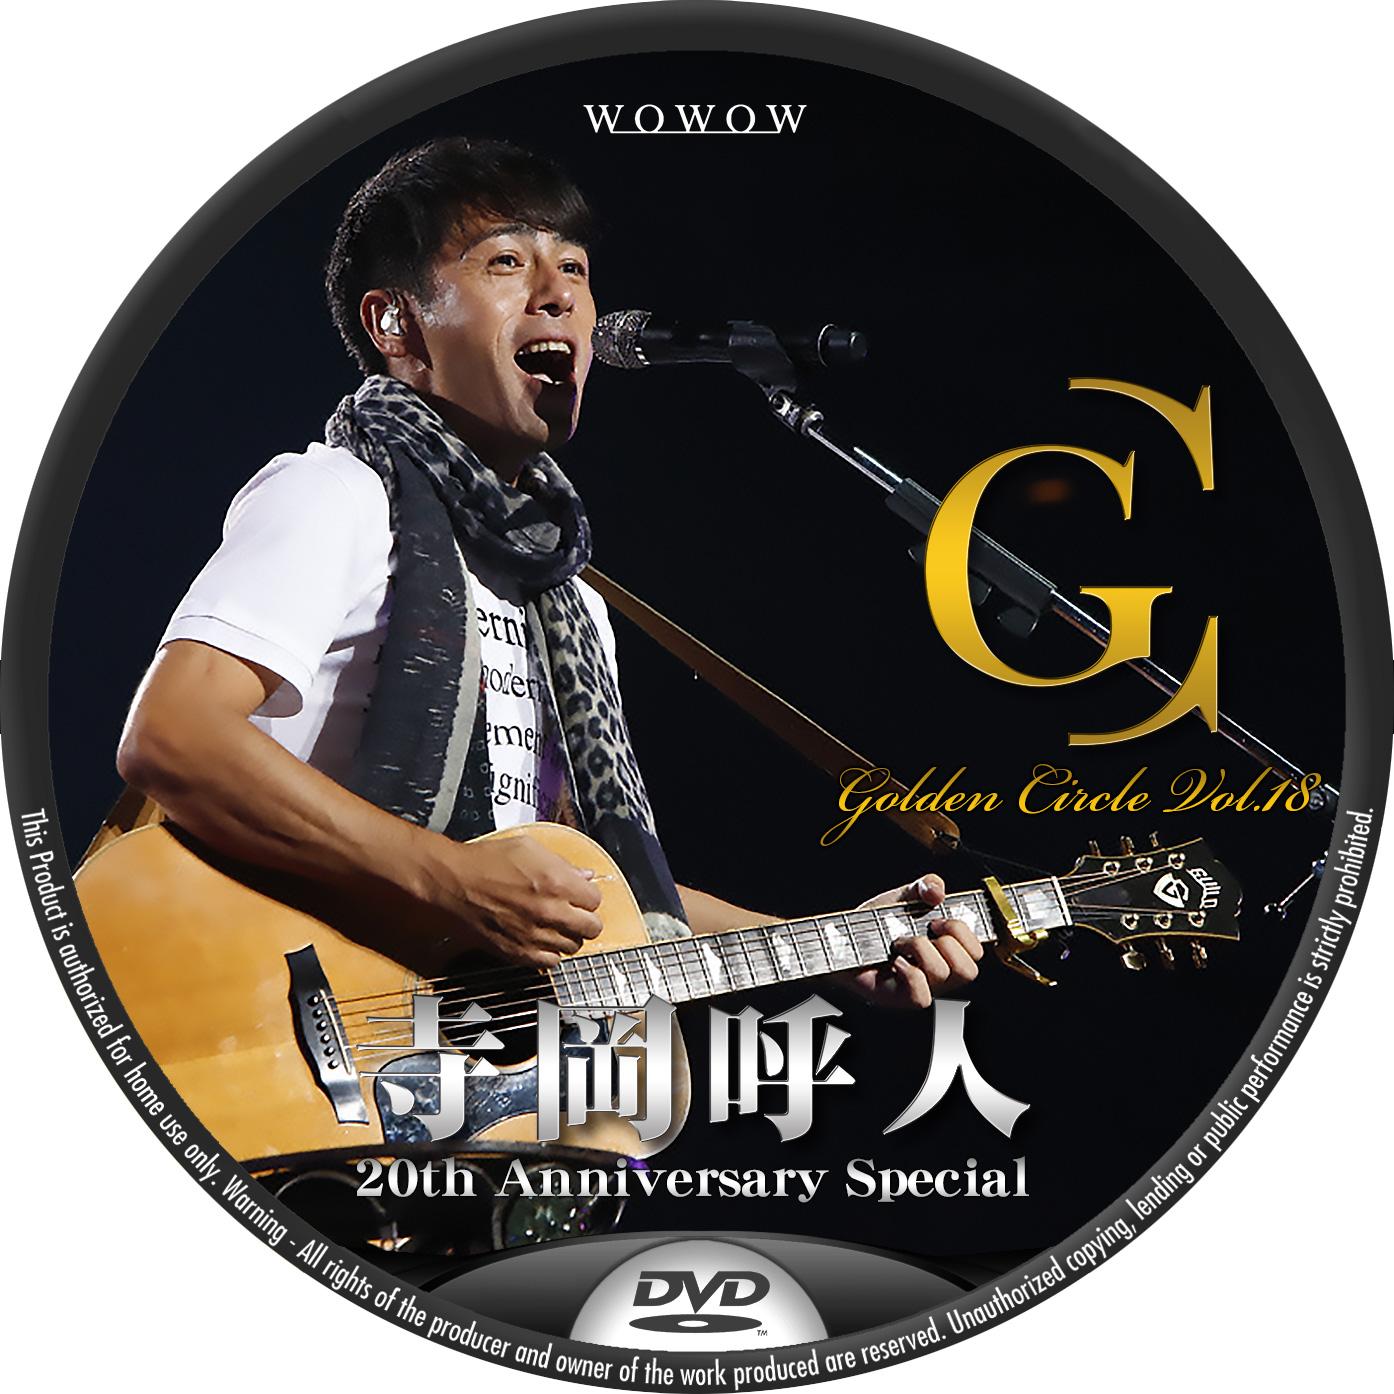 寺岡呼人 wowow DVDラベル